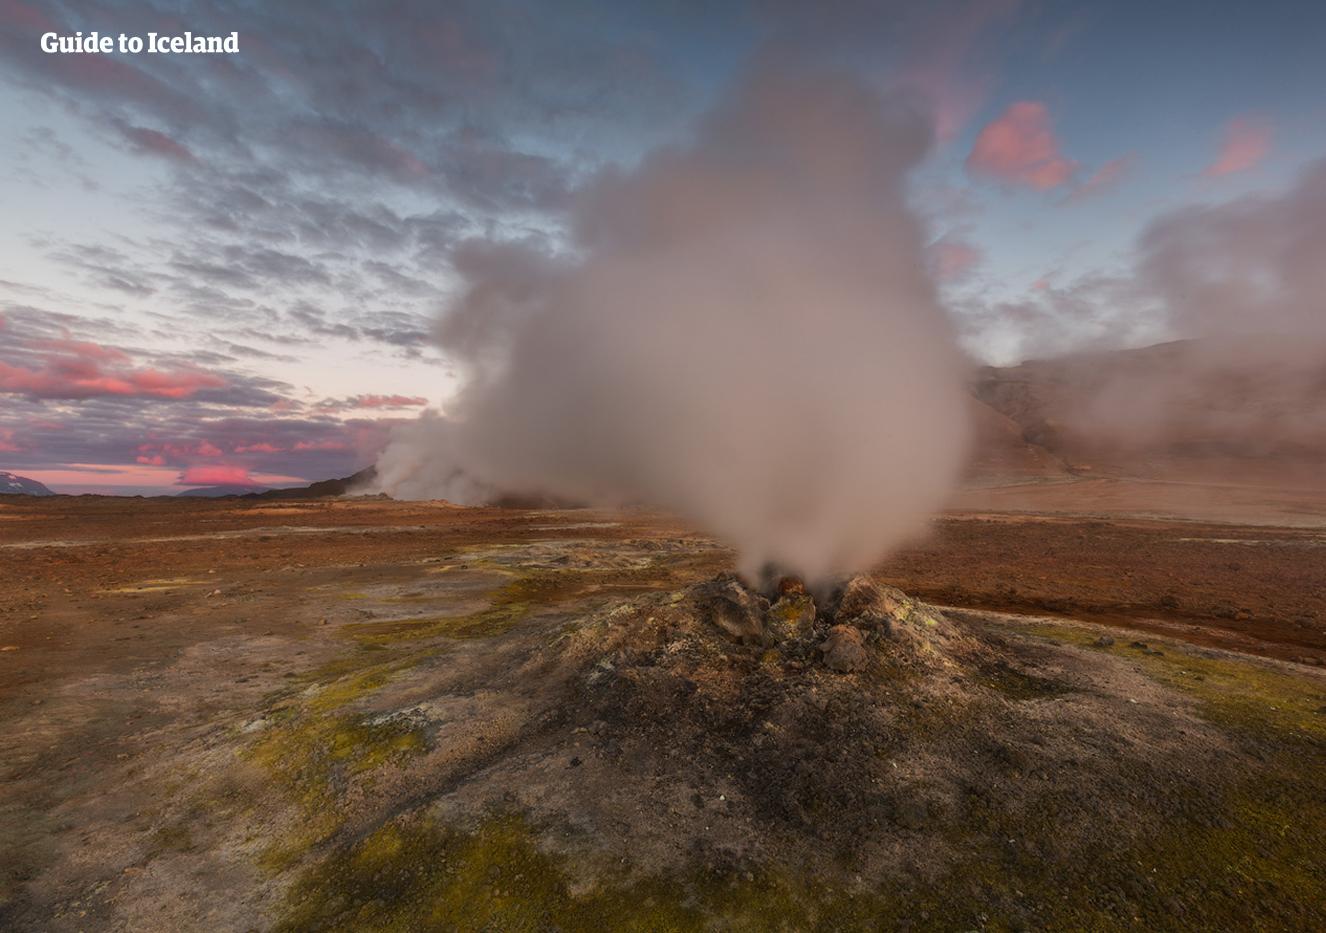 冰岛北部的米湖地区以活跃的地热景观而闻名,沸泥潭与蒸汽孔随处可见。